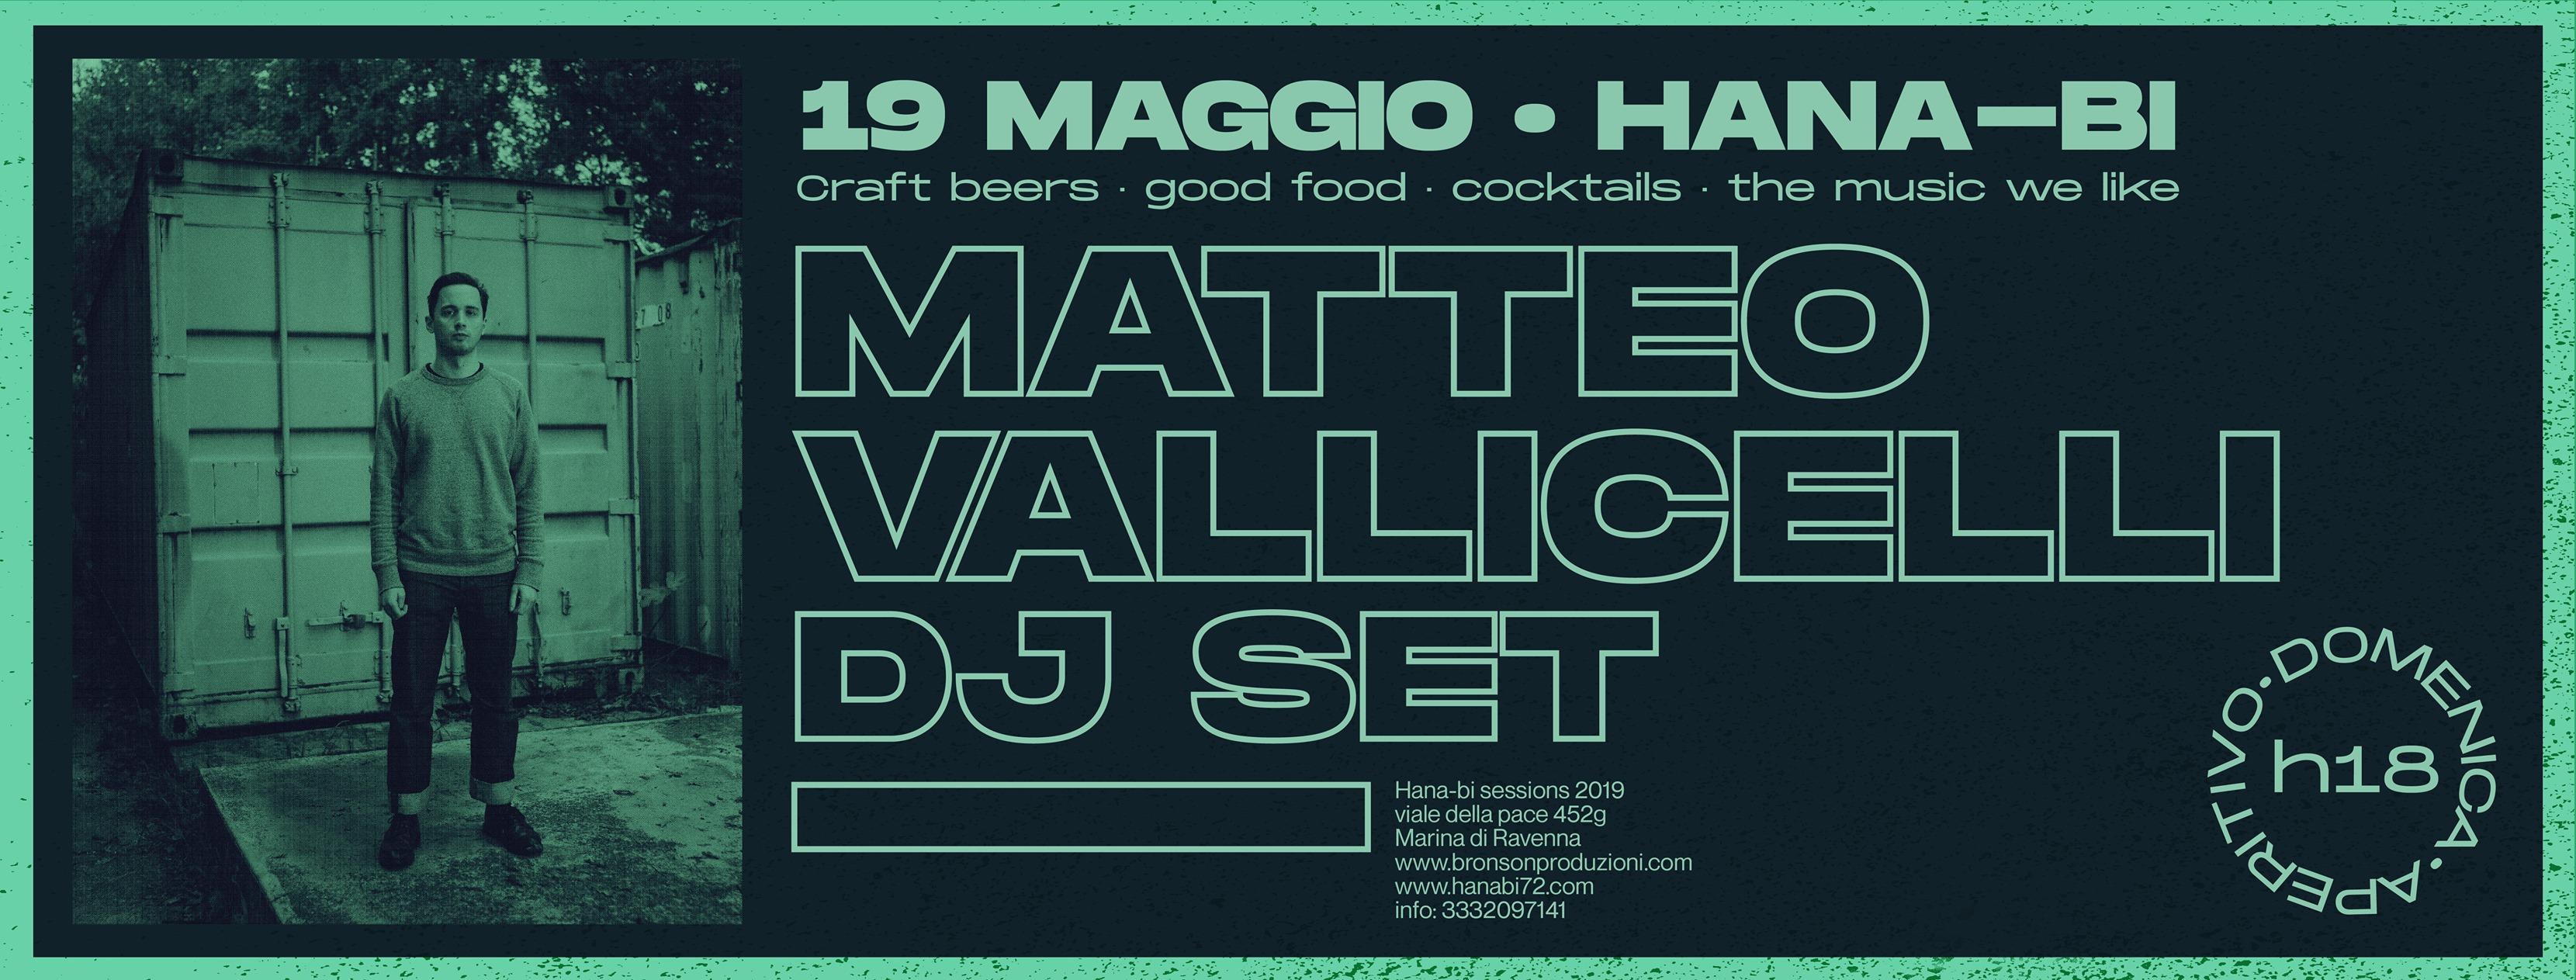 Matteo Vallicelli